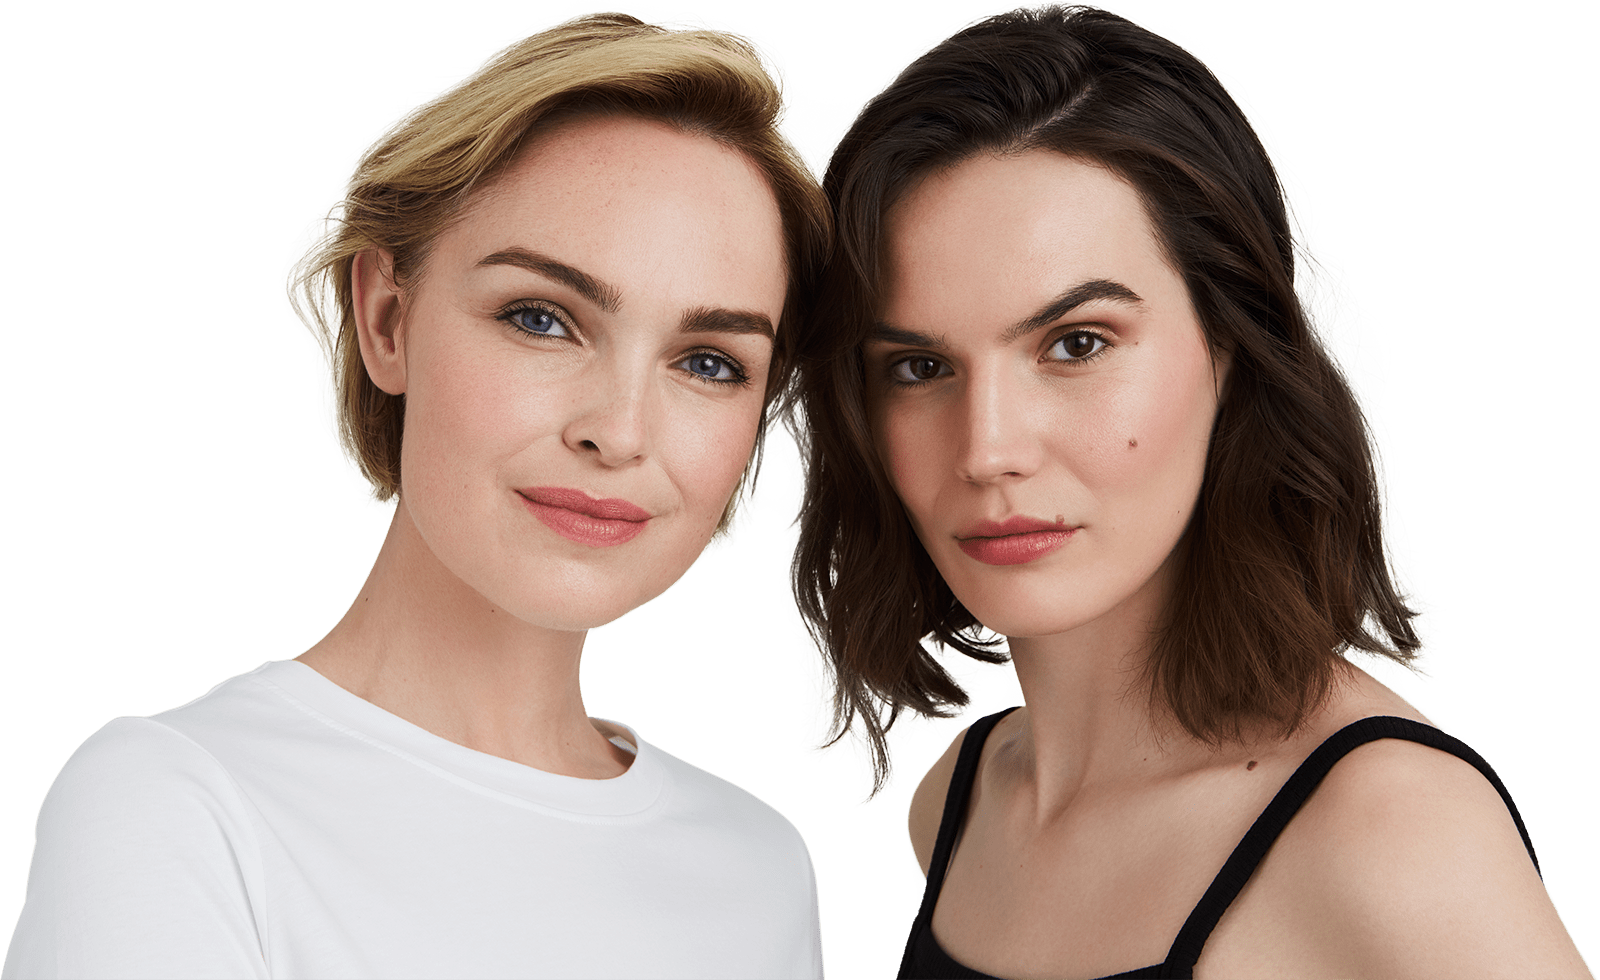 Zwei Frauen blicken zusammen in die Kamera.